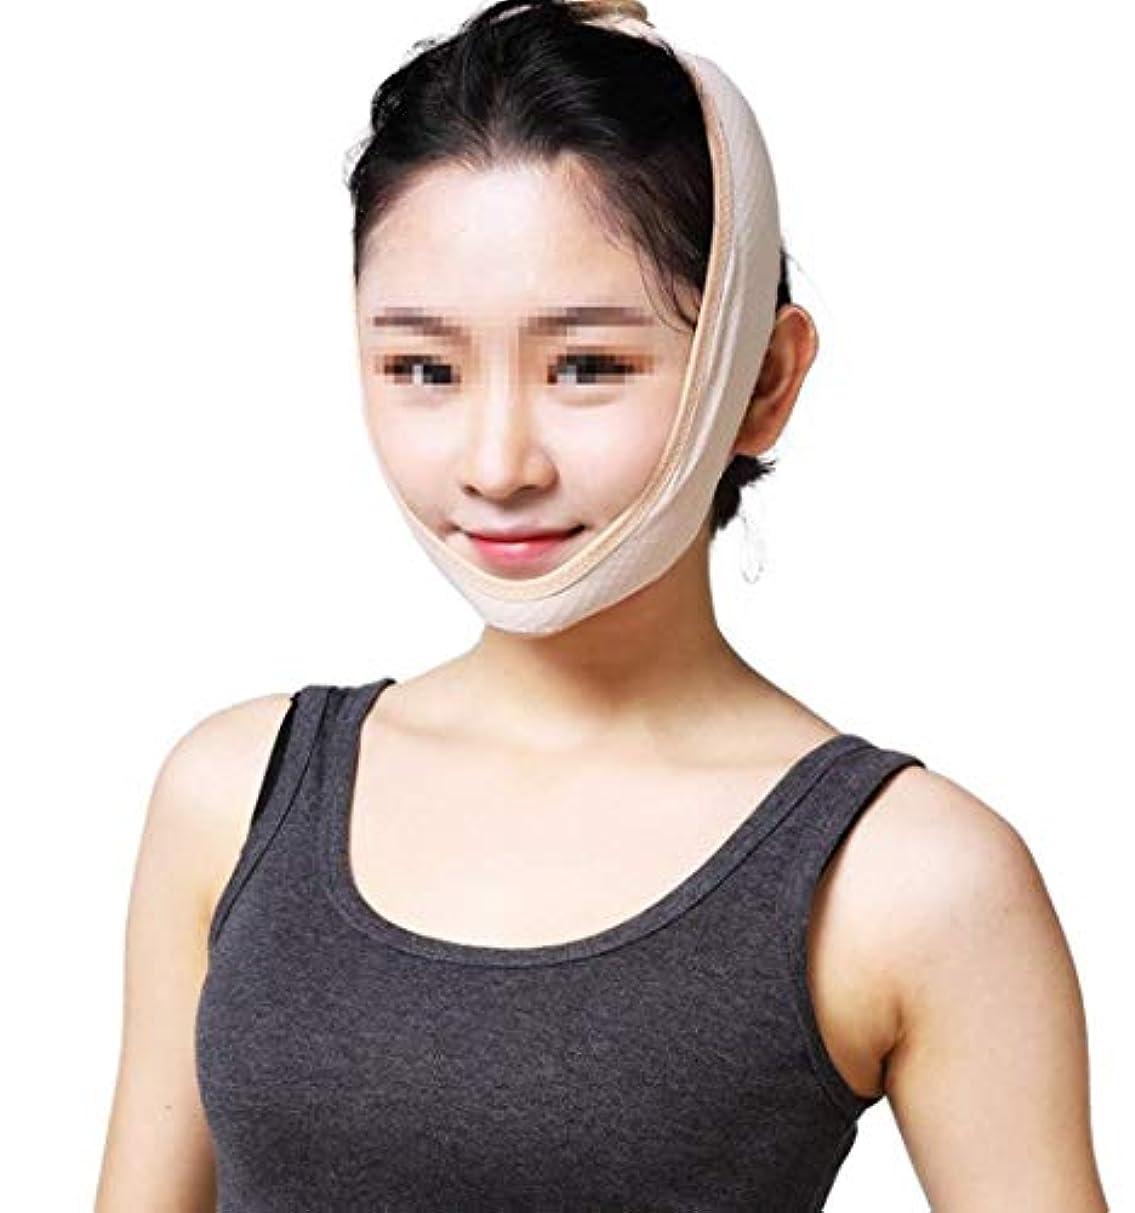 空のズボン特別な顔を持ち上げる包帯、口を開けて眠るのを防ぐための女性の通気性のいびきベルトいびきアーティファクトアンチあごの脱臼の修正包帯のいびき装置